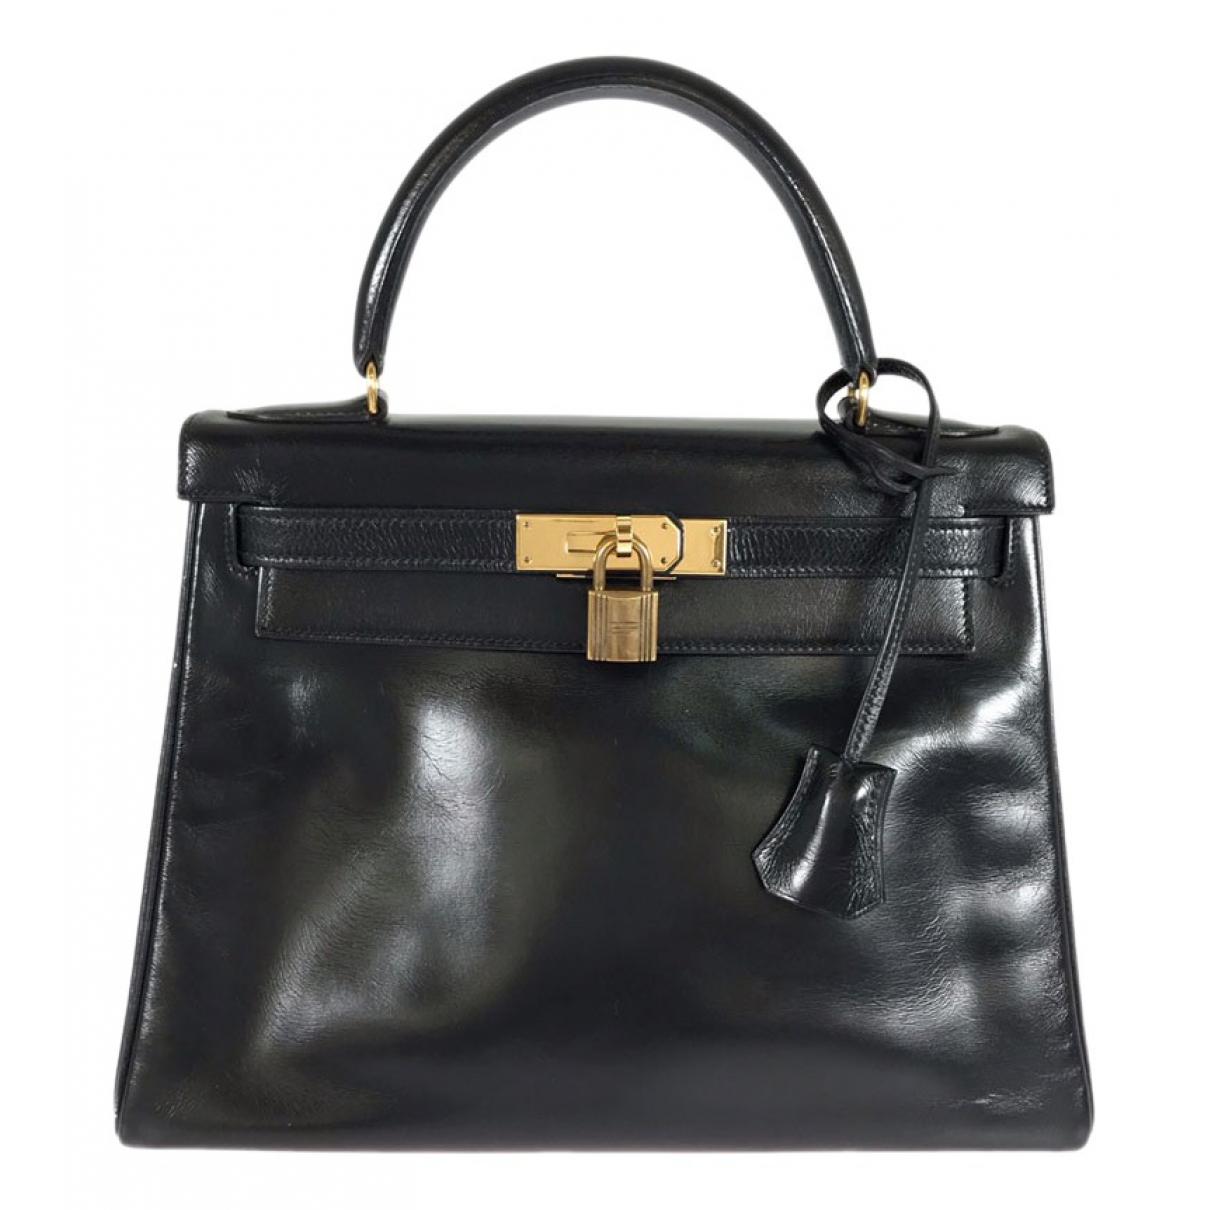 Hermes - Sac a main Kelly 28 pour femme en cuir - noir